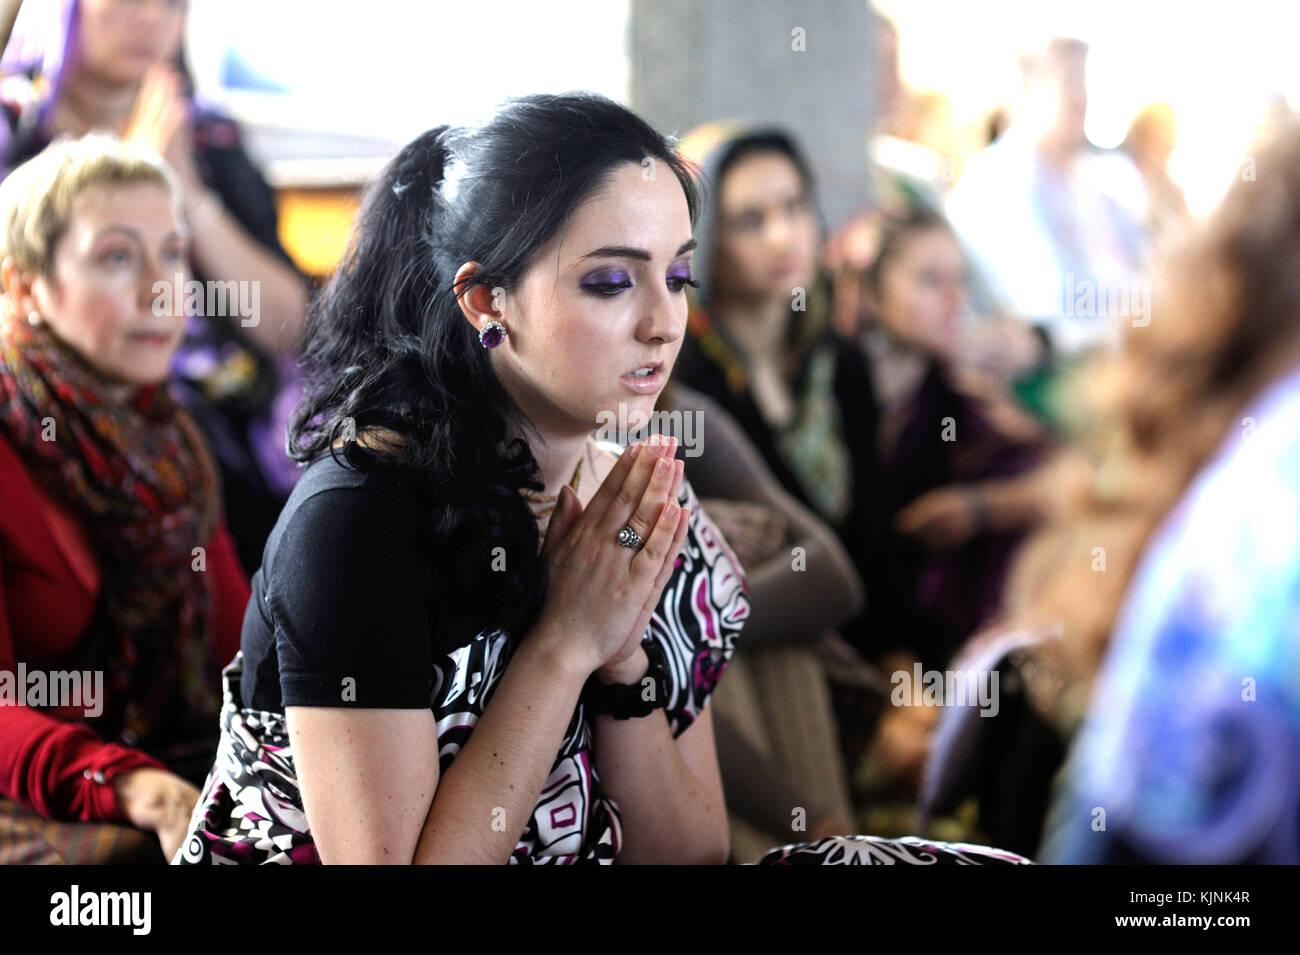 Belle jeune fille Hare Krishna prier dans un temple. Le 3 avril 2017. Le temple de Krishna, kiyv, Ukraine Banque D'Images